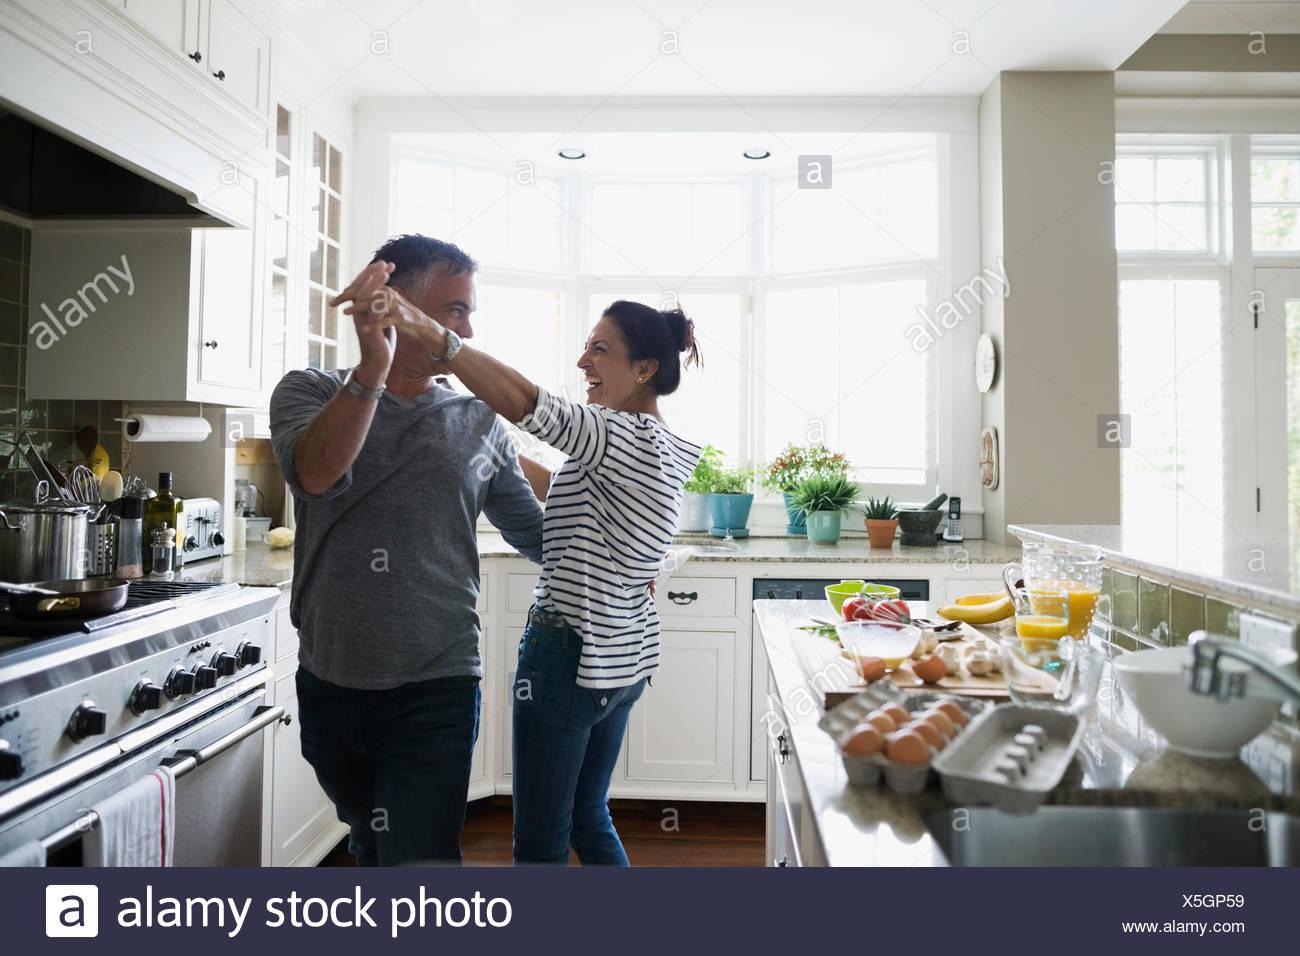 Verspielte Paare tanzen in Küche Stockfoto, Bild: 278807797 - Alamy